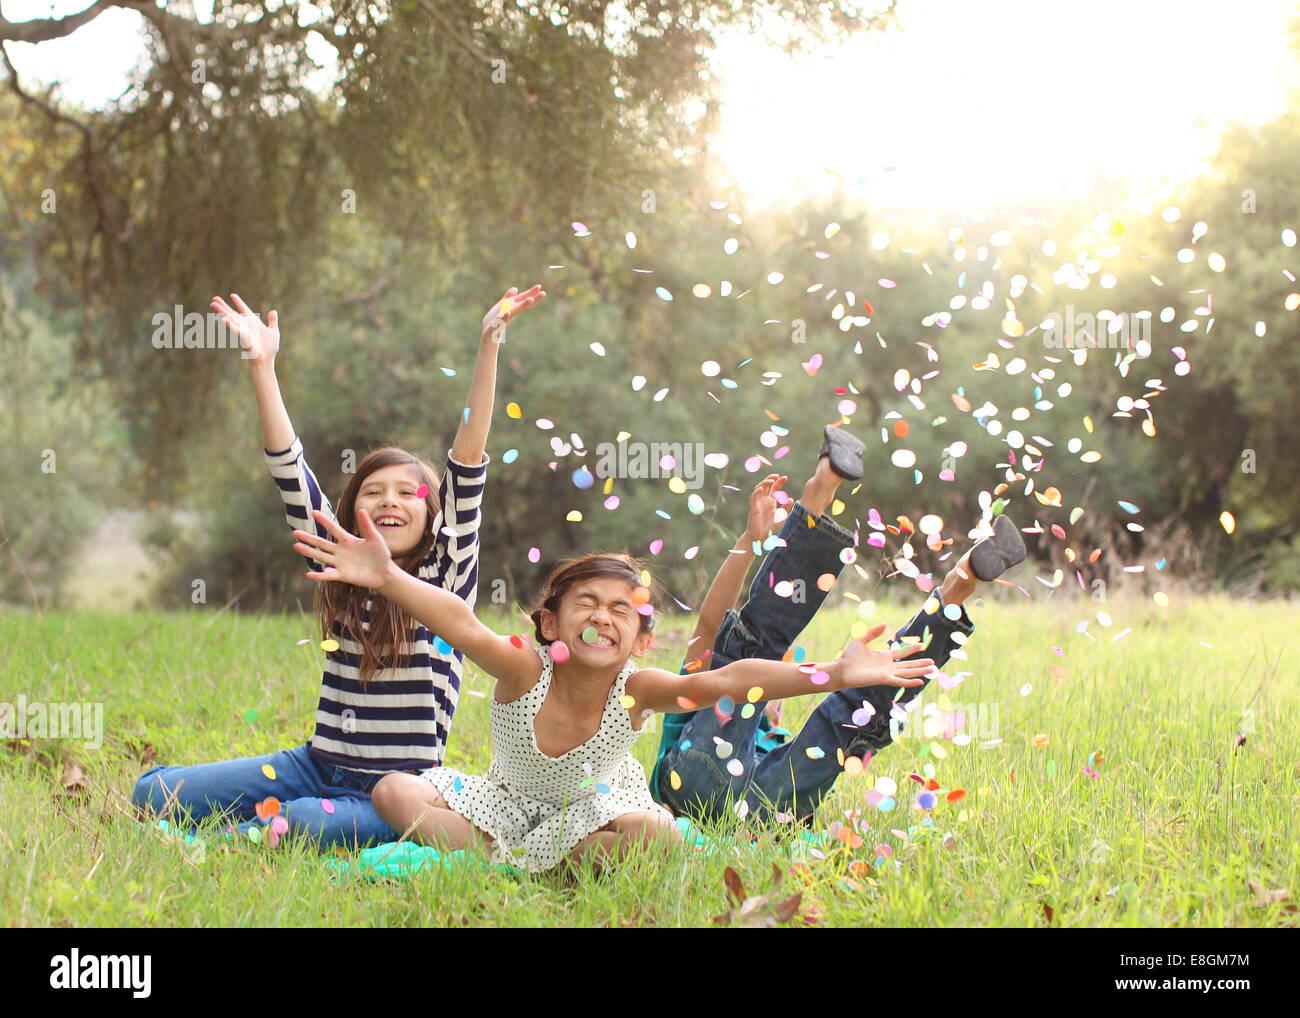 Tre bambini seduti nel parco gettando coriandoli in aria Immagini Stock